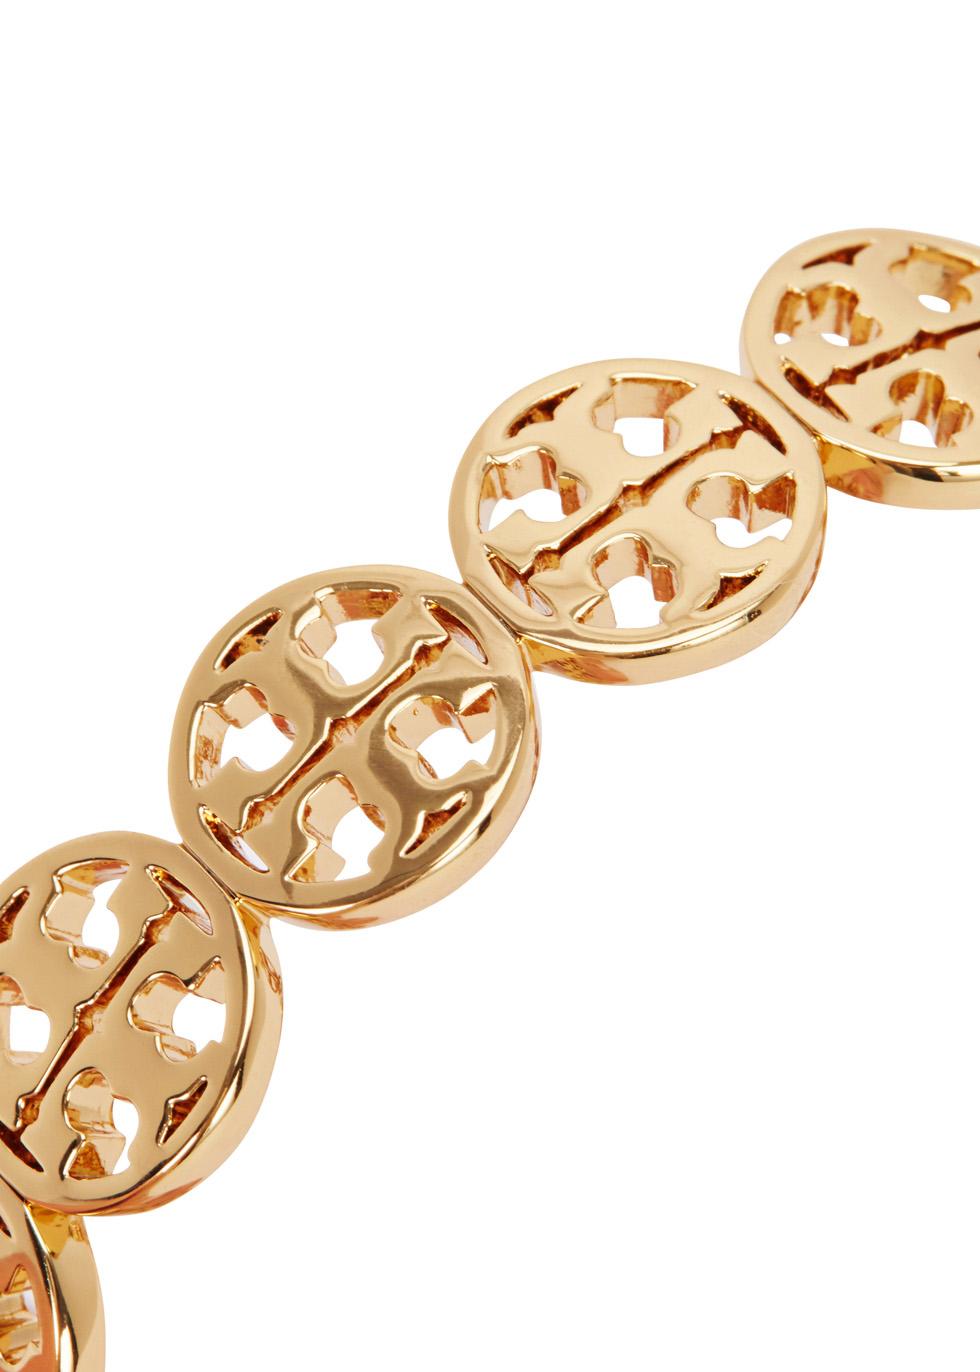 Gold tone logo cuff - Tory Burch